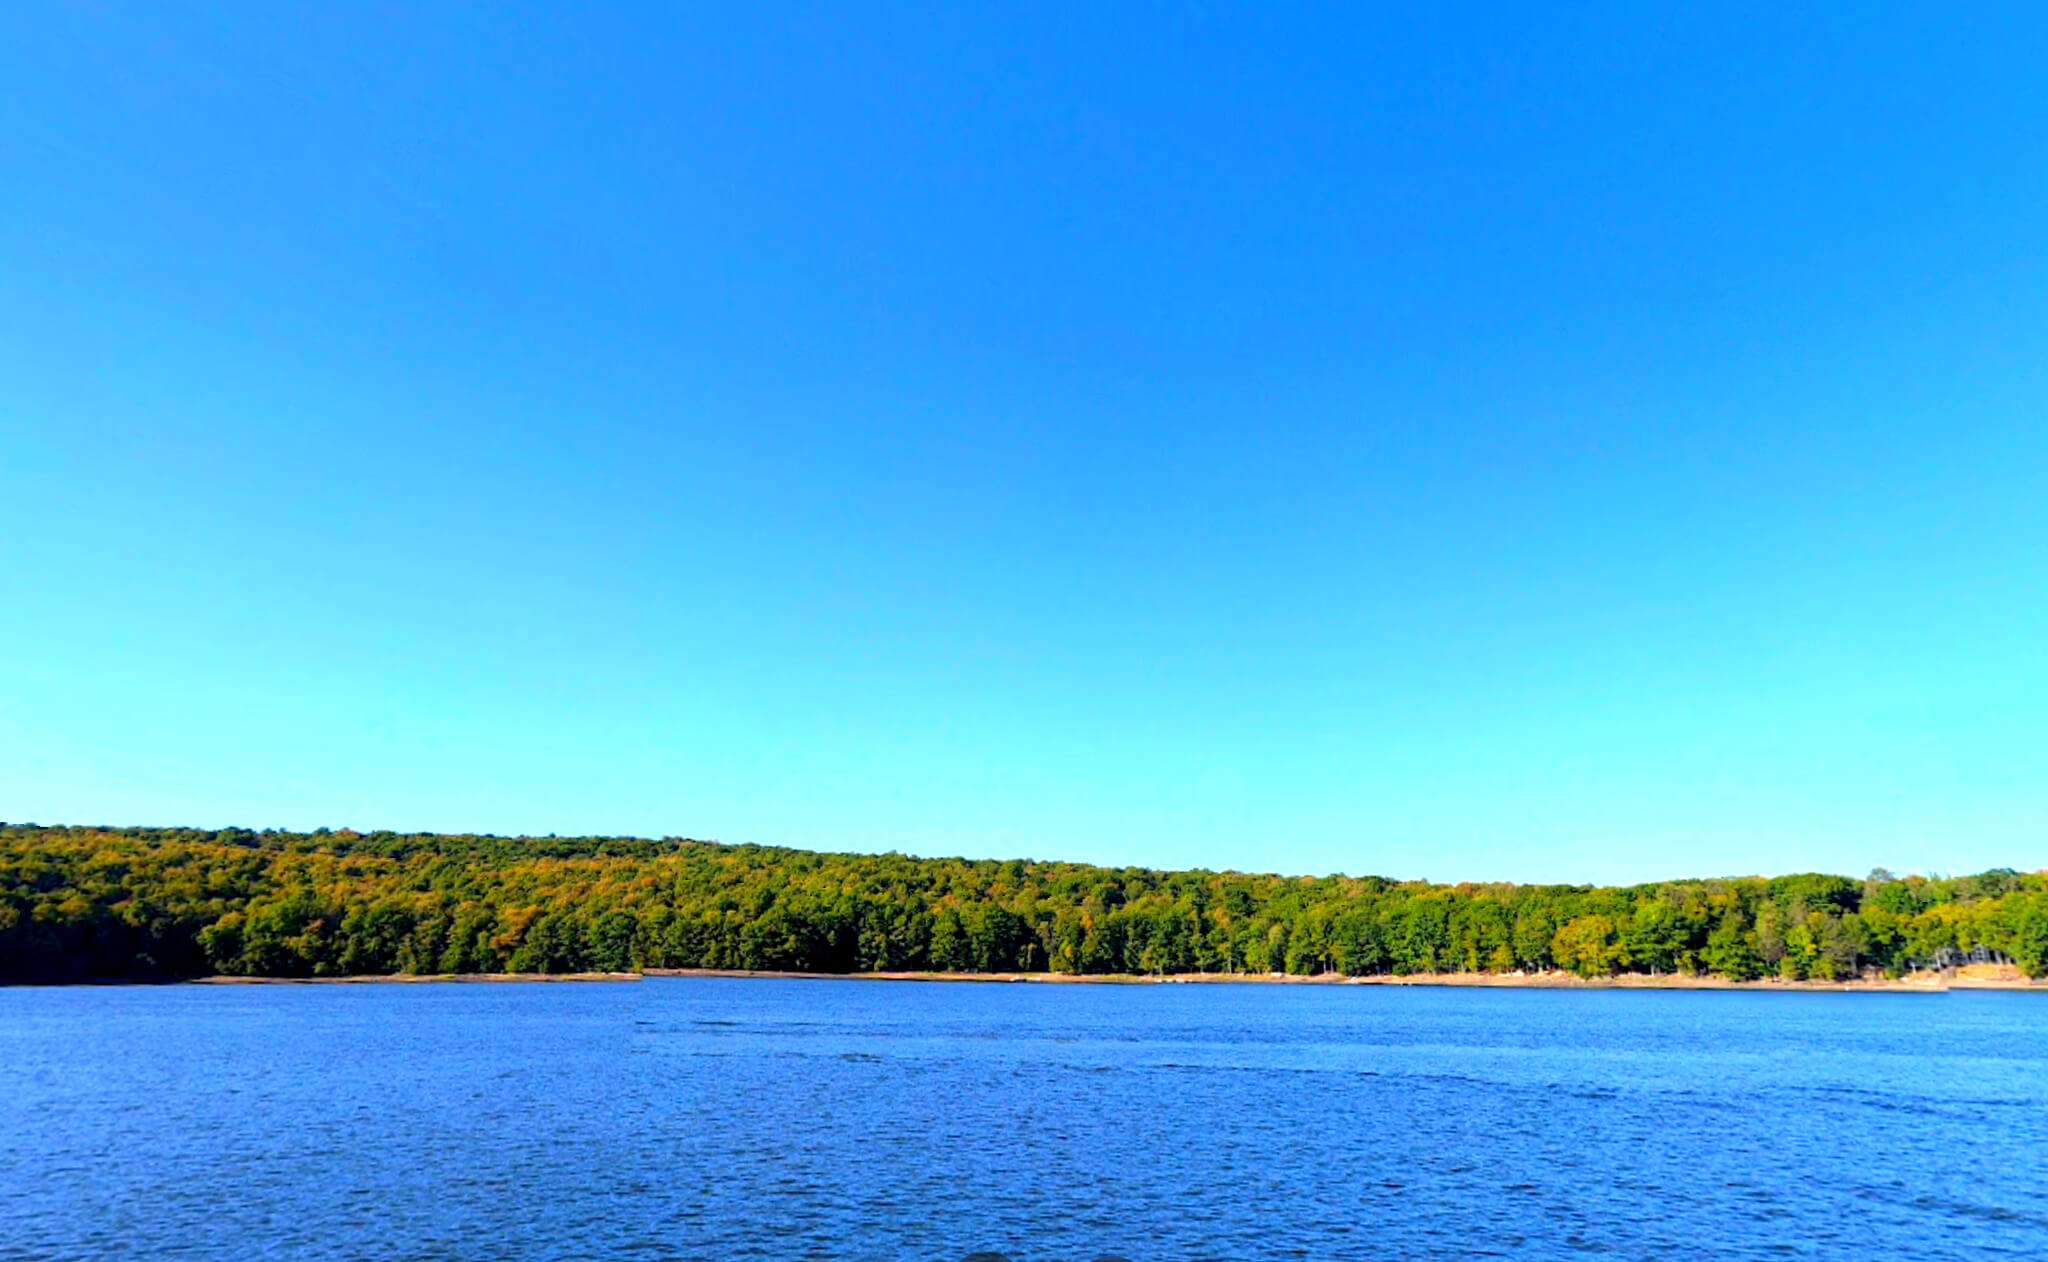 Wallenpaupack-Lake-Fishing-Report-Guide-Pennsylvania-PA-01